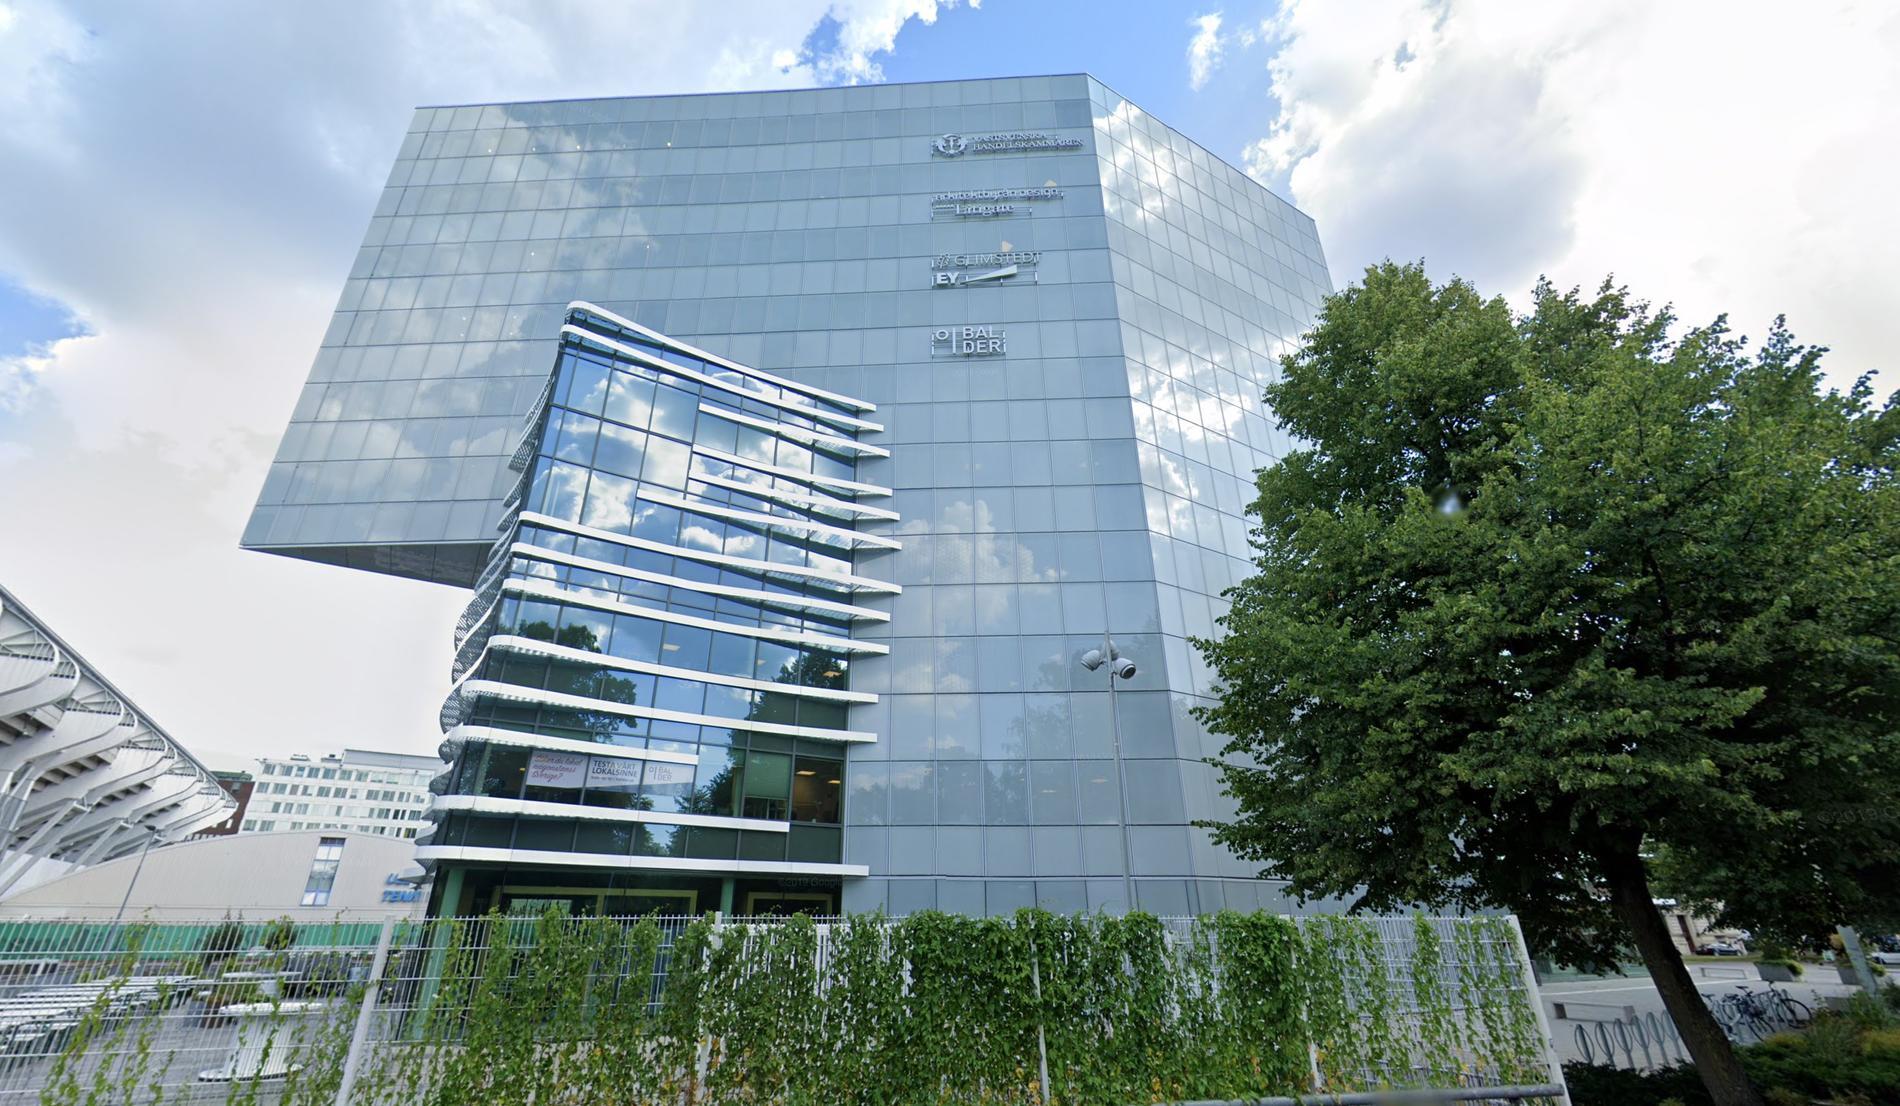 Fastighetsbolaget Balders kontor i Göteborg.